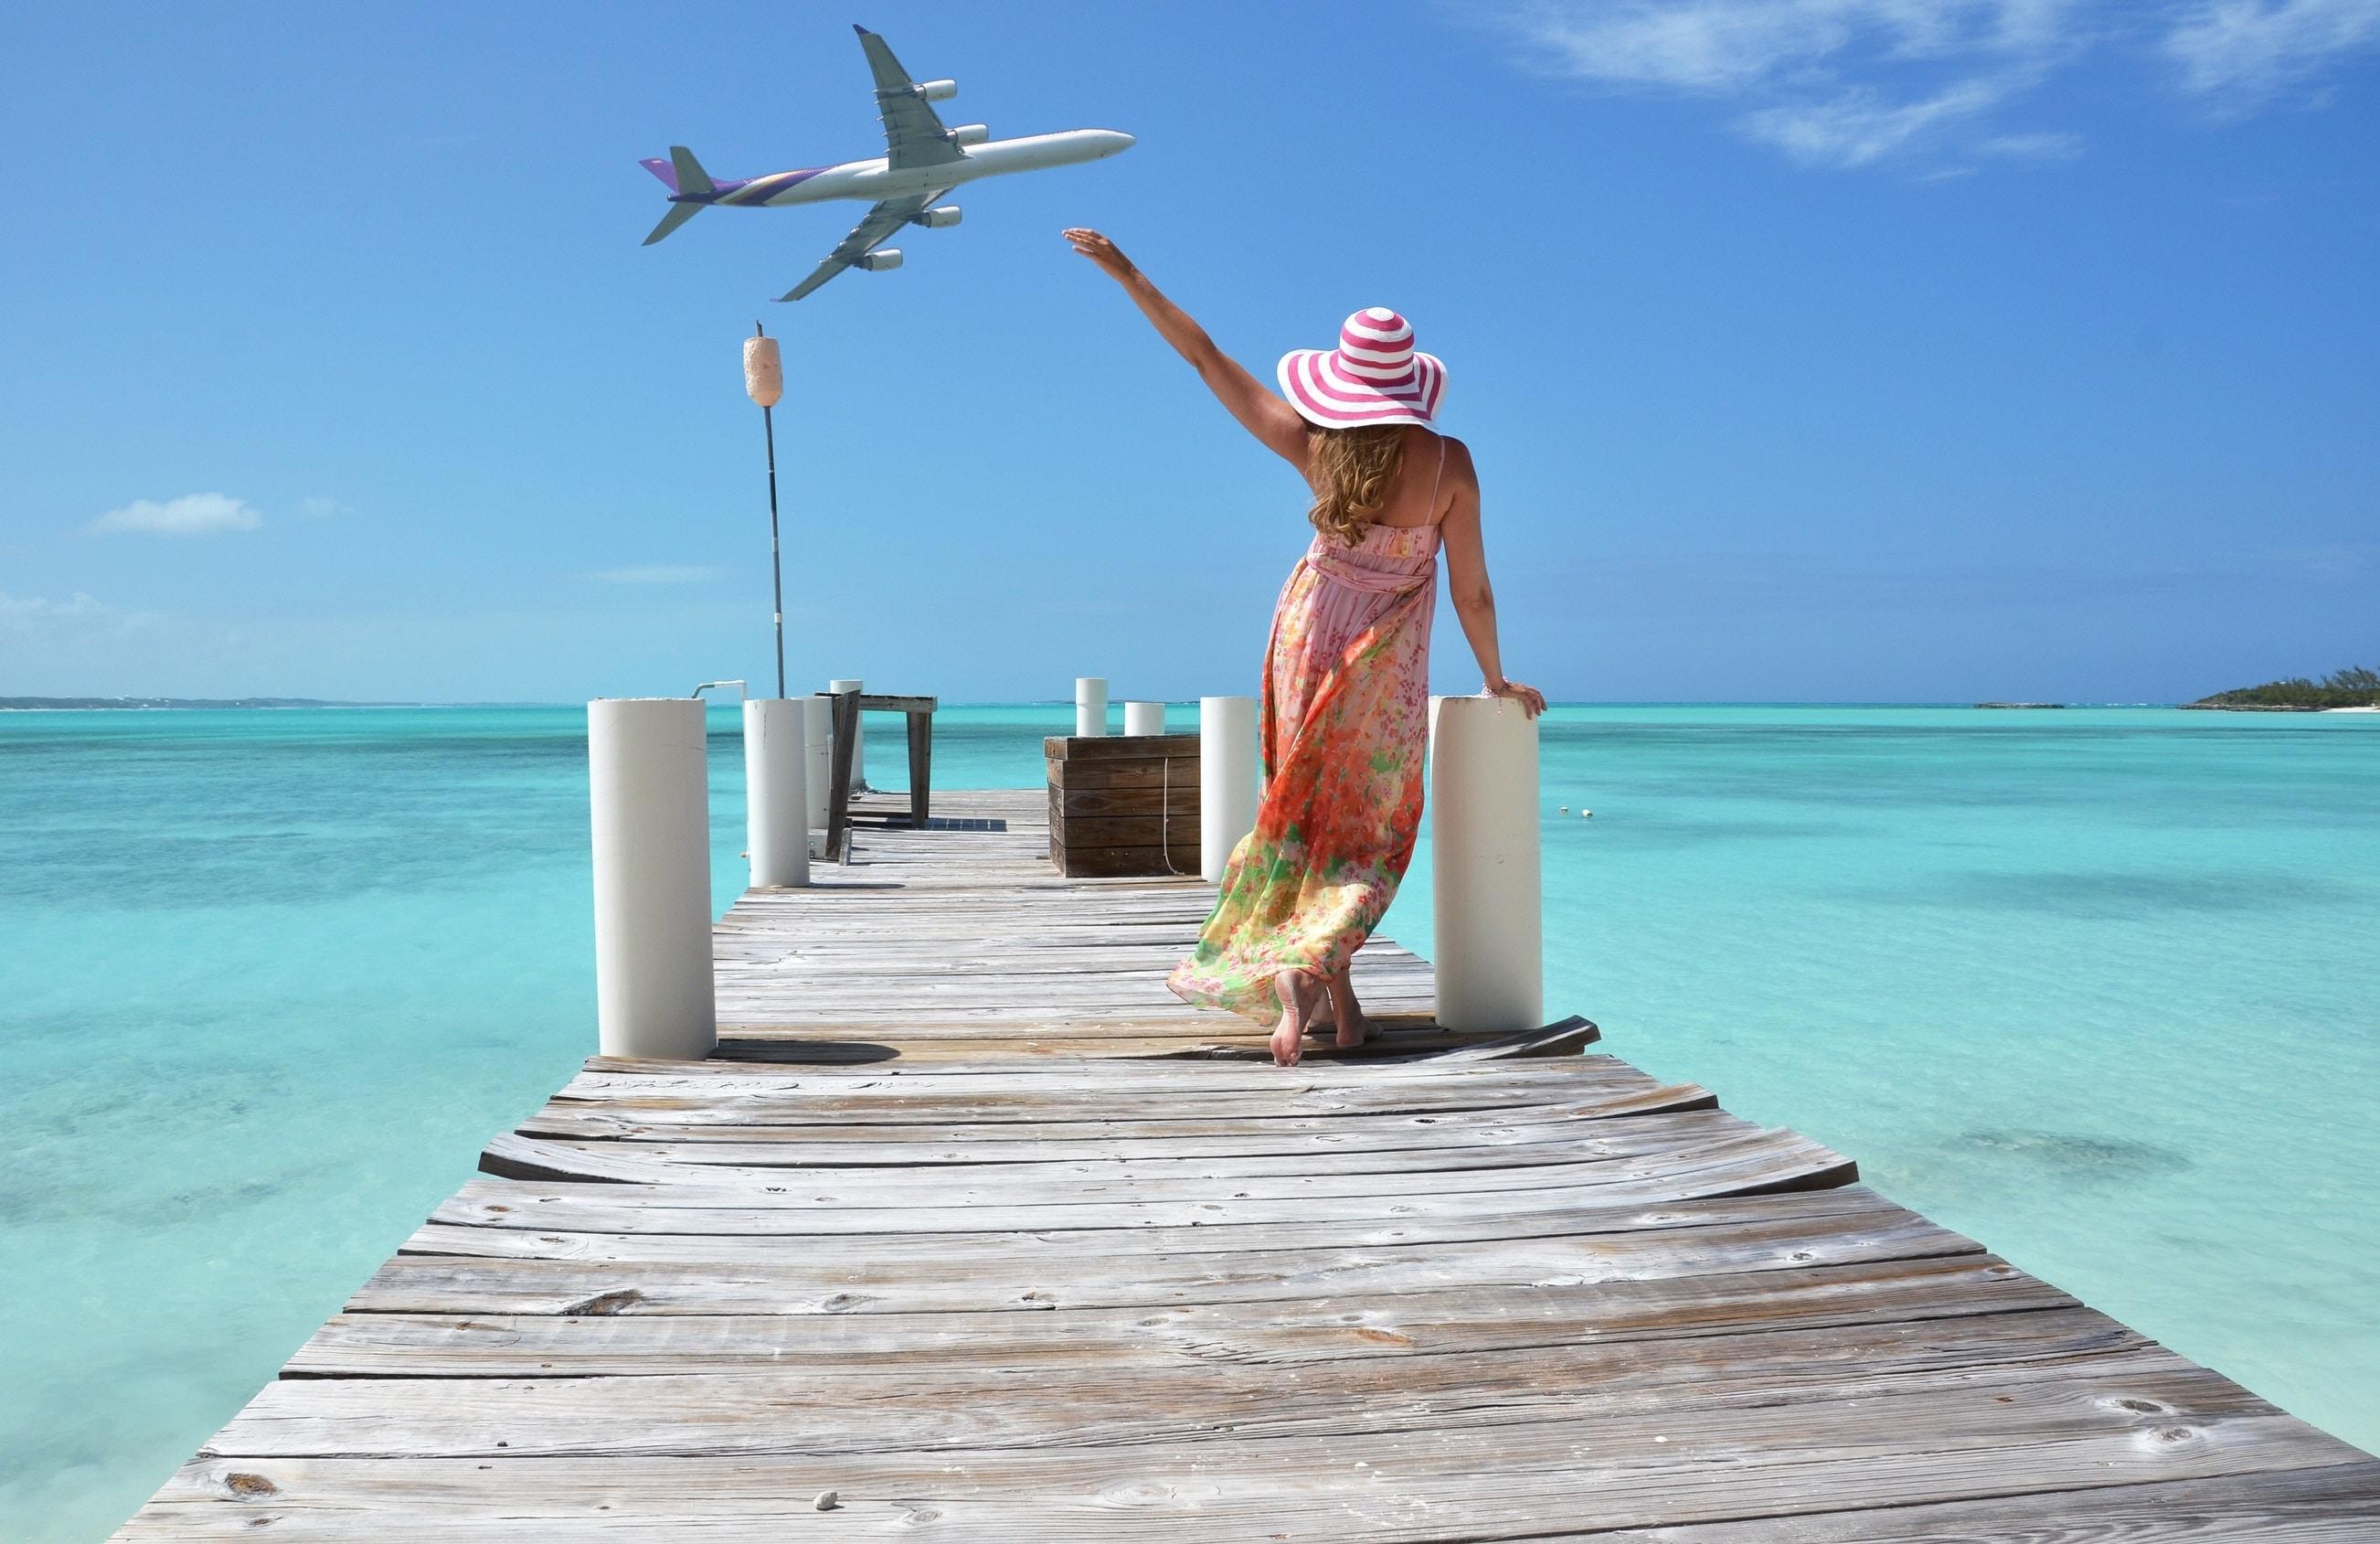 הצעת מחיר ביטוח נסיעות